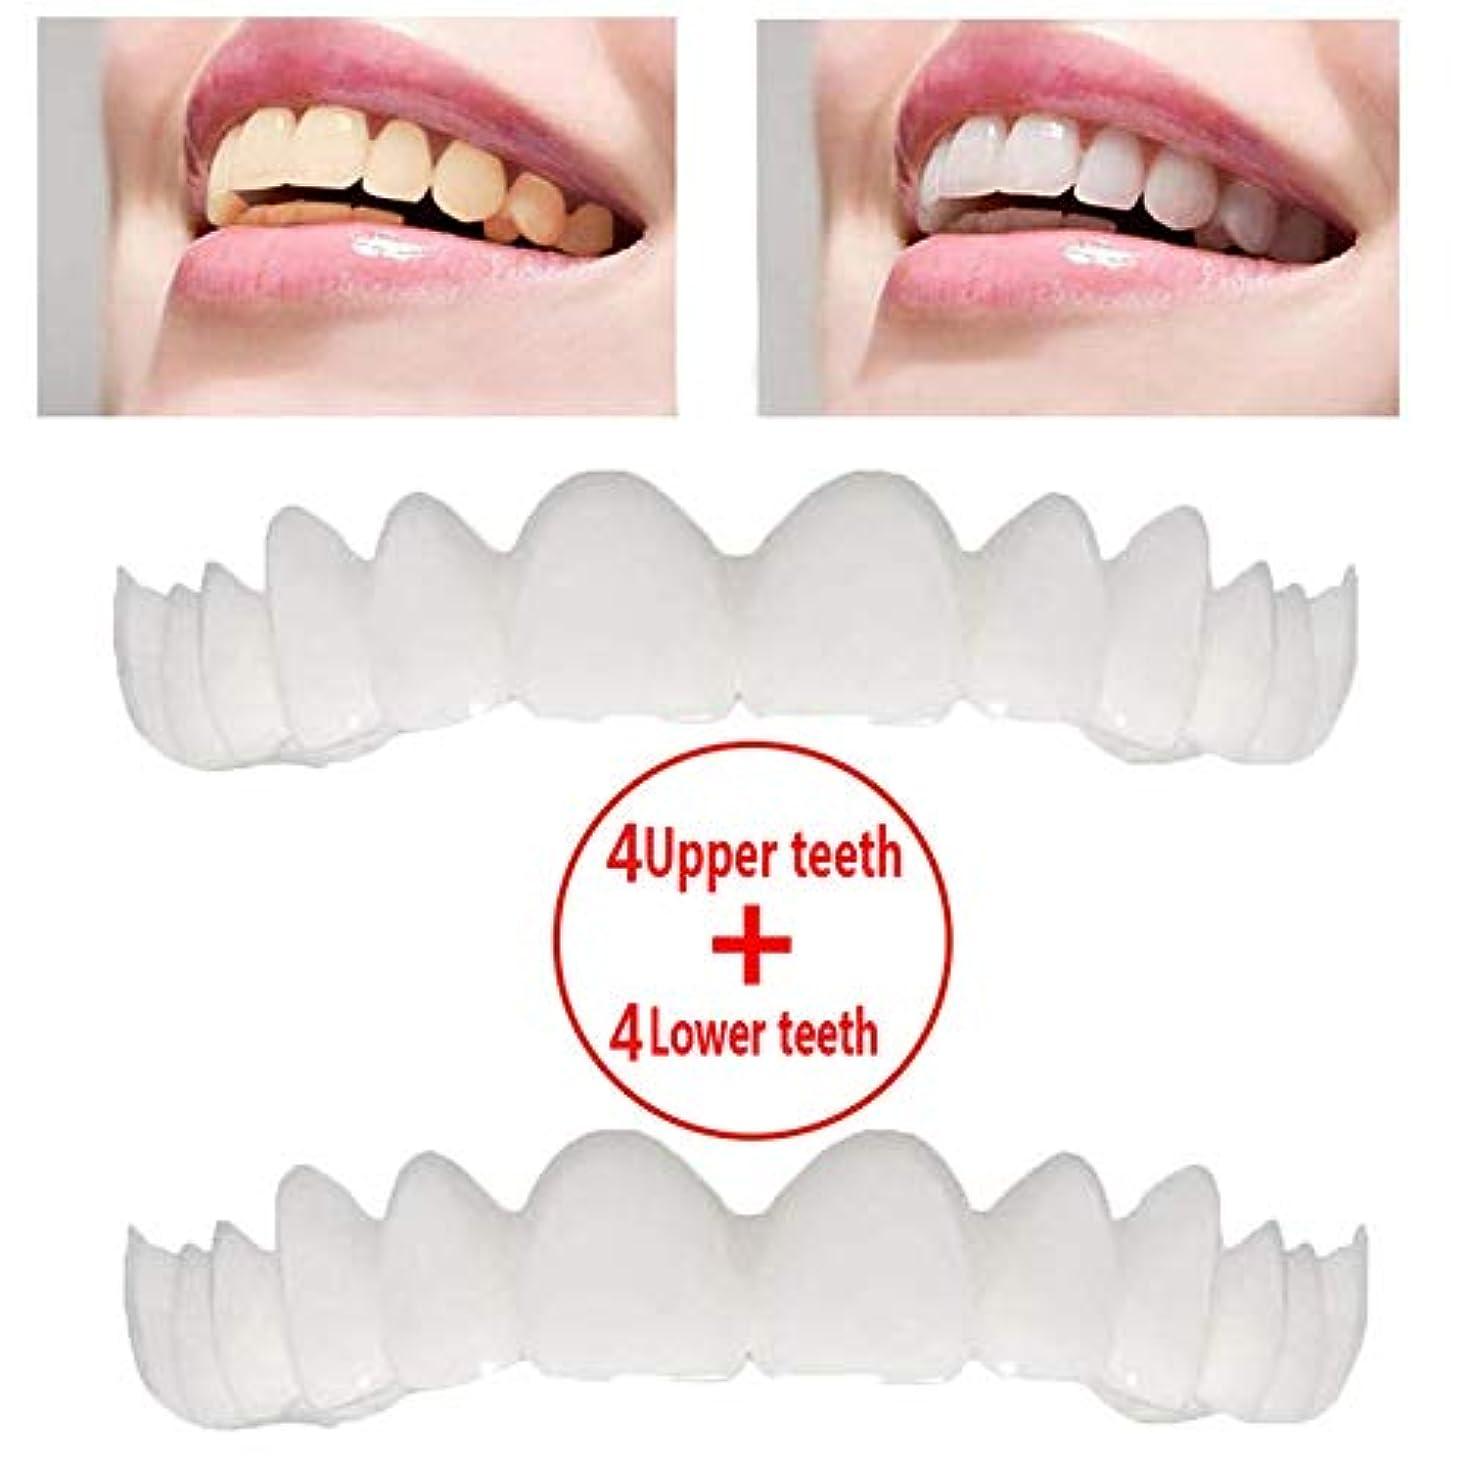 蒸権利を与える中間4組の一時的な化粧品の歯の義歯の微笑の慰めの適合の屈曲の化粧品の歯はブレースを模倣しました